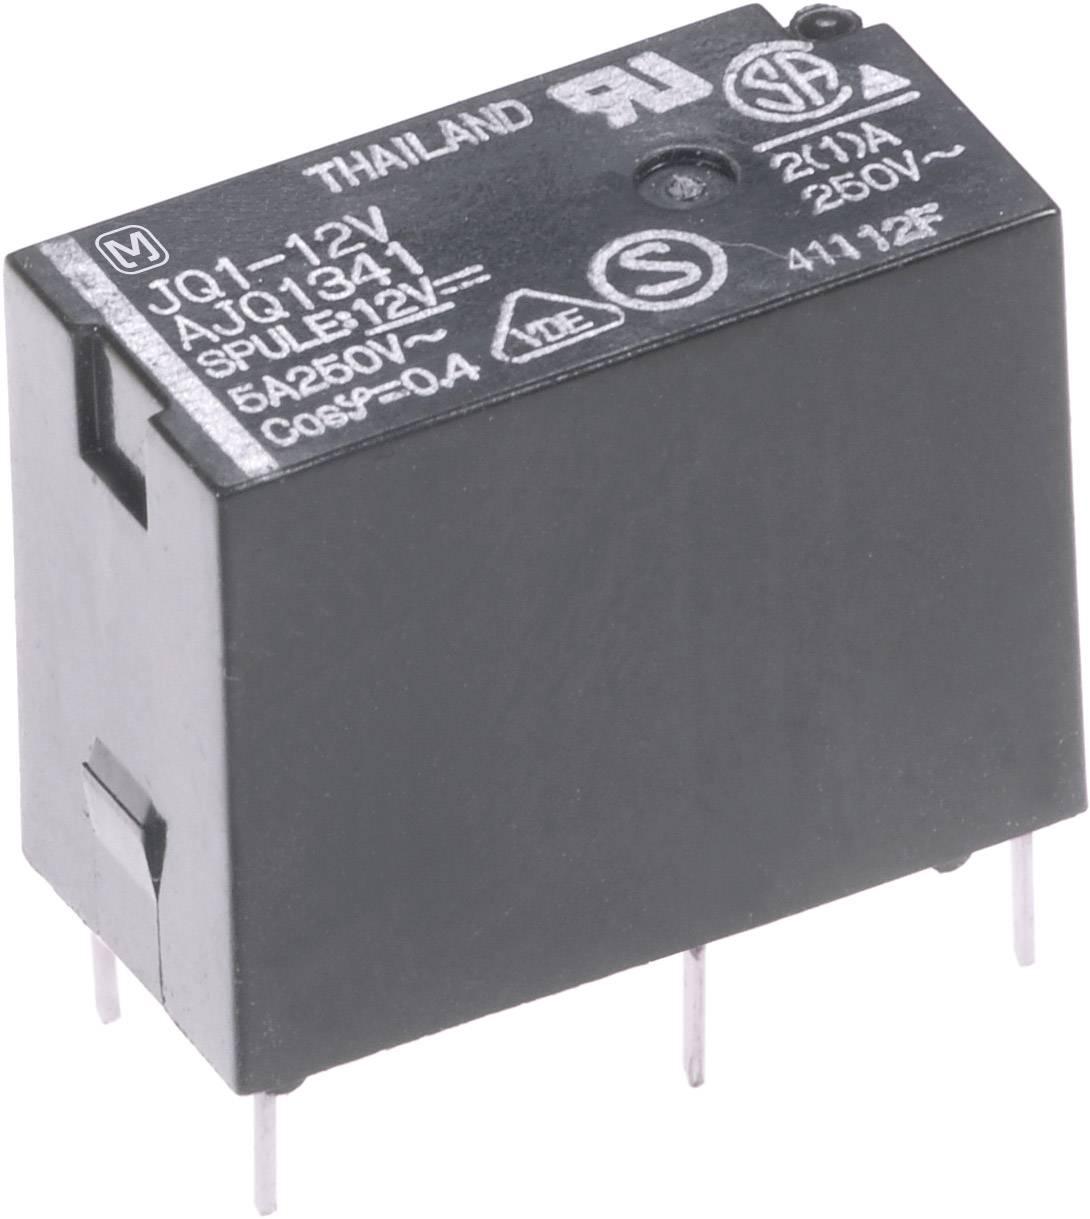 Výkonové relé JQ 5 A, Print Panasonic JQ1AB5F, JQ1AB5F, 200 mW, 5 A, 110 V/DC/250 V/AC 625 VA